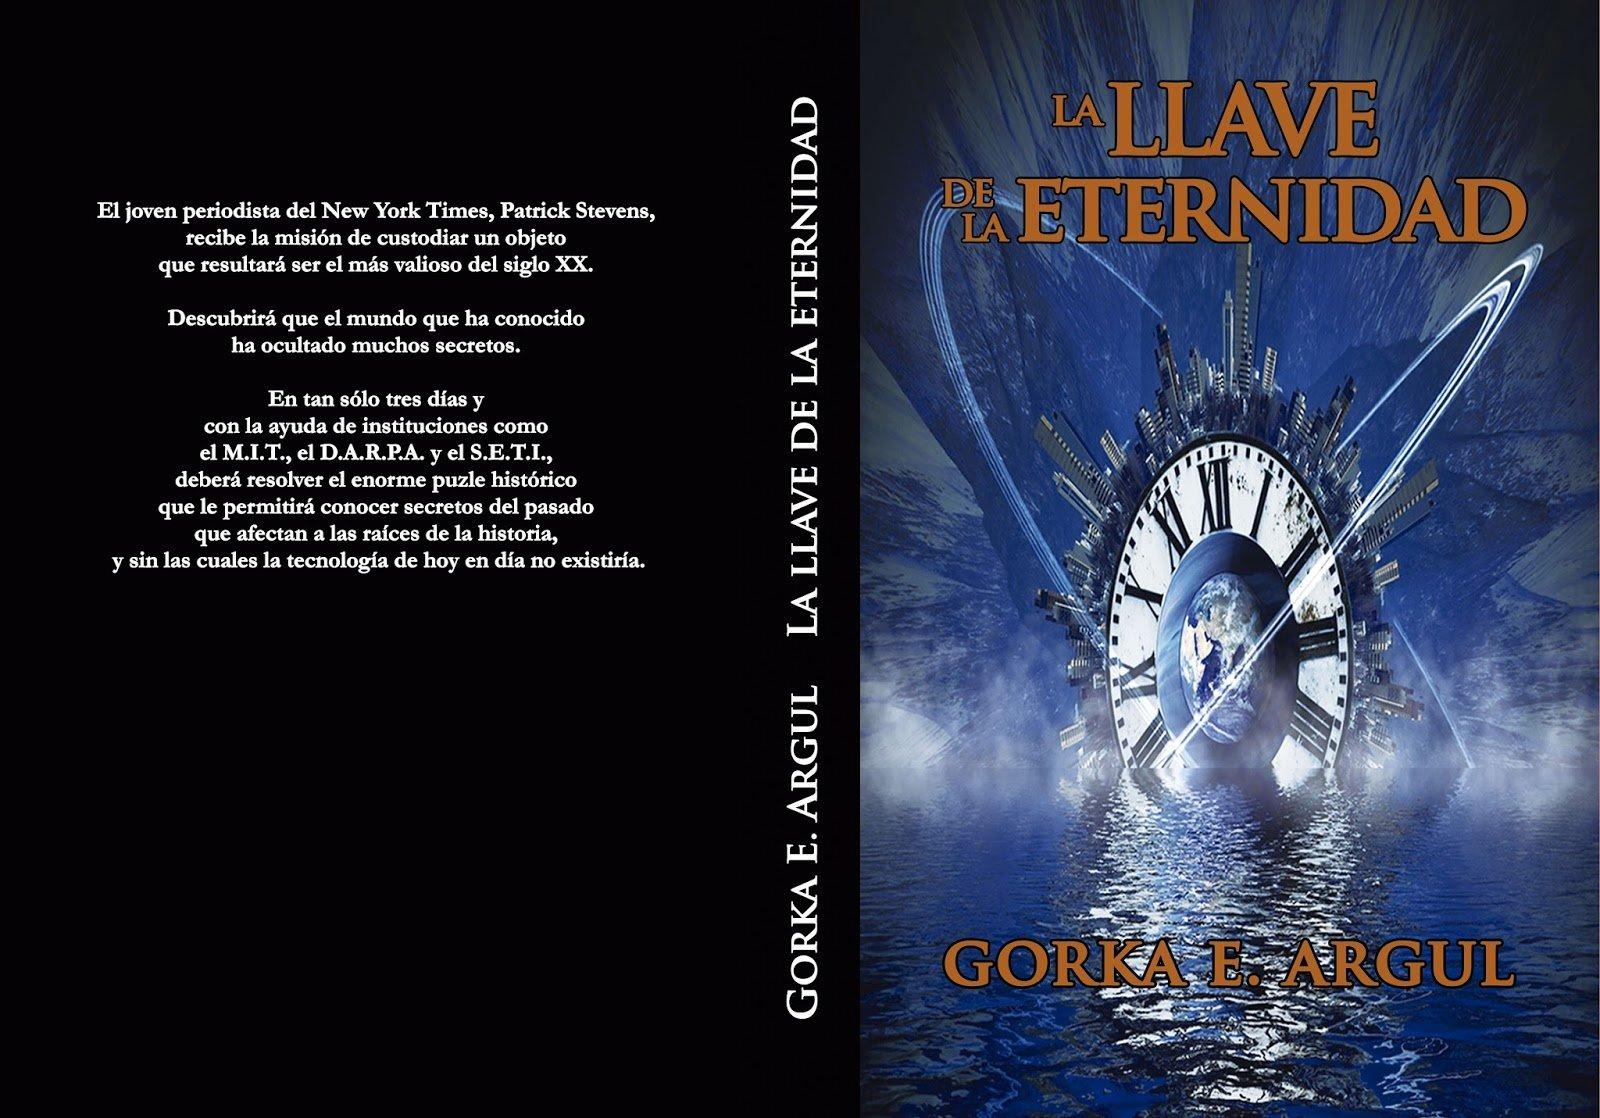 cover of la llave de la eternidad